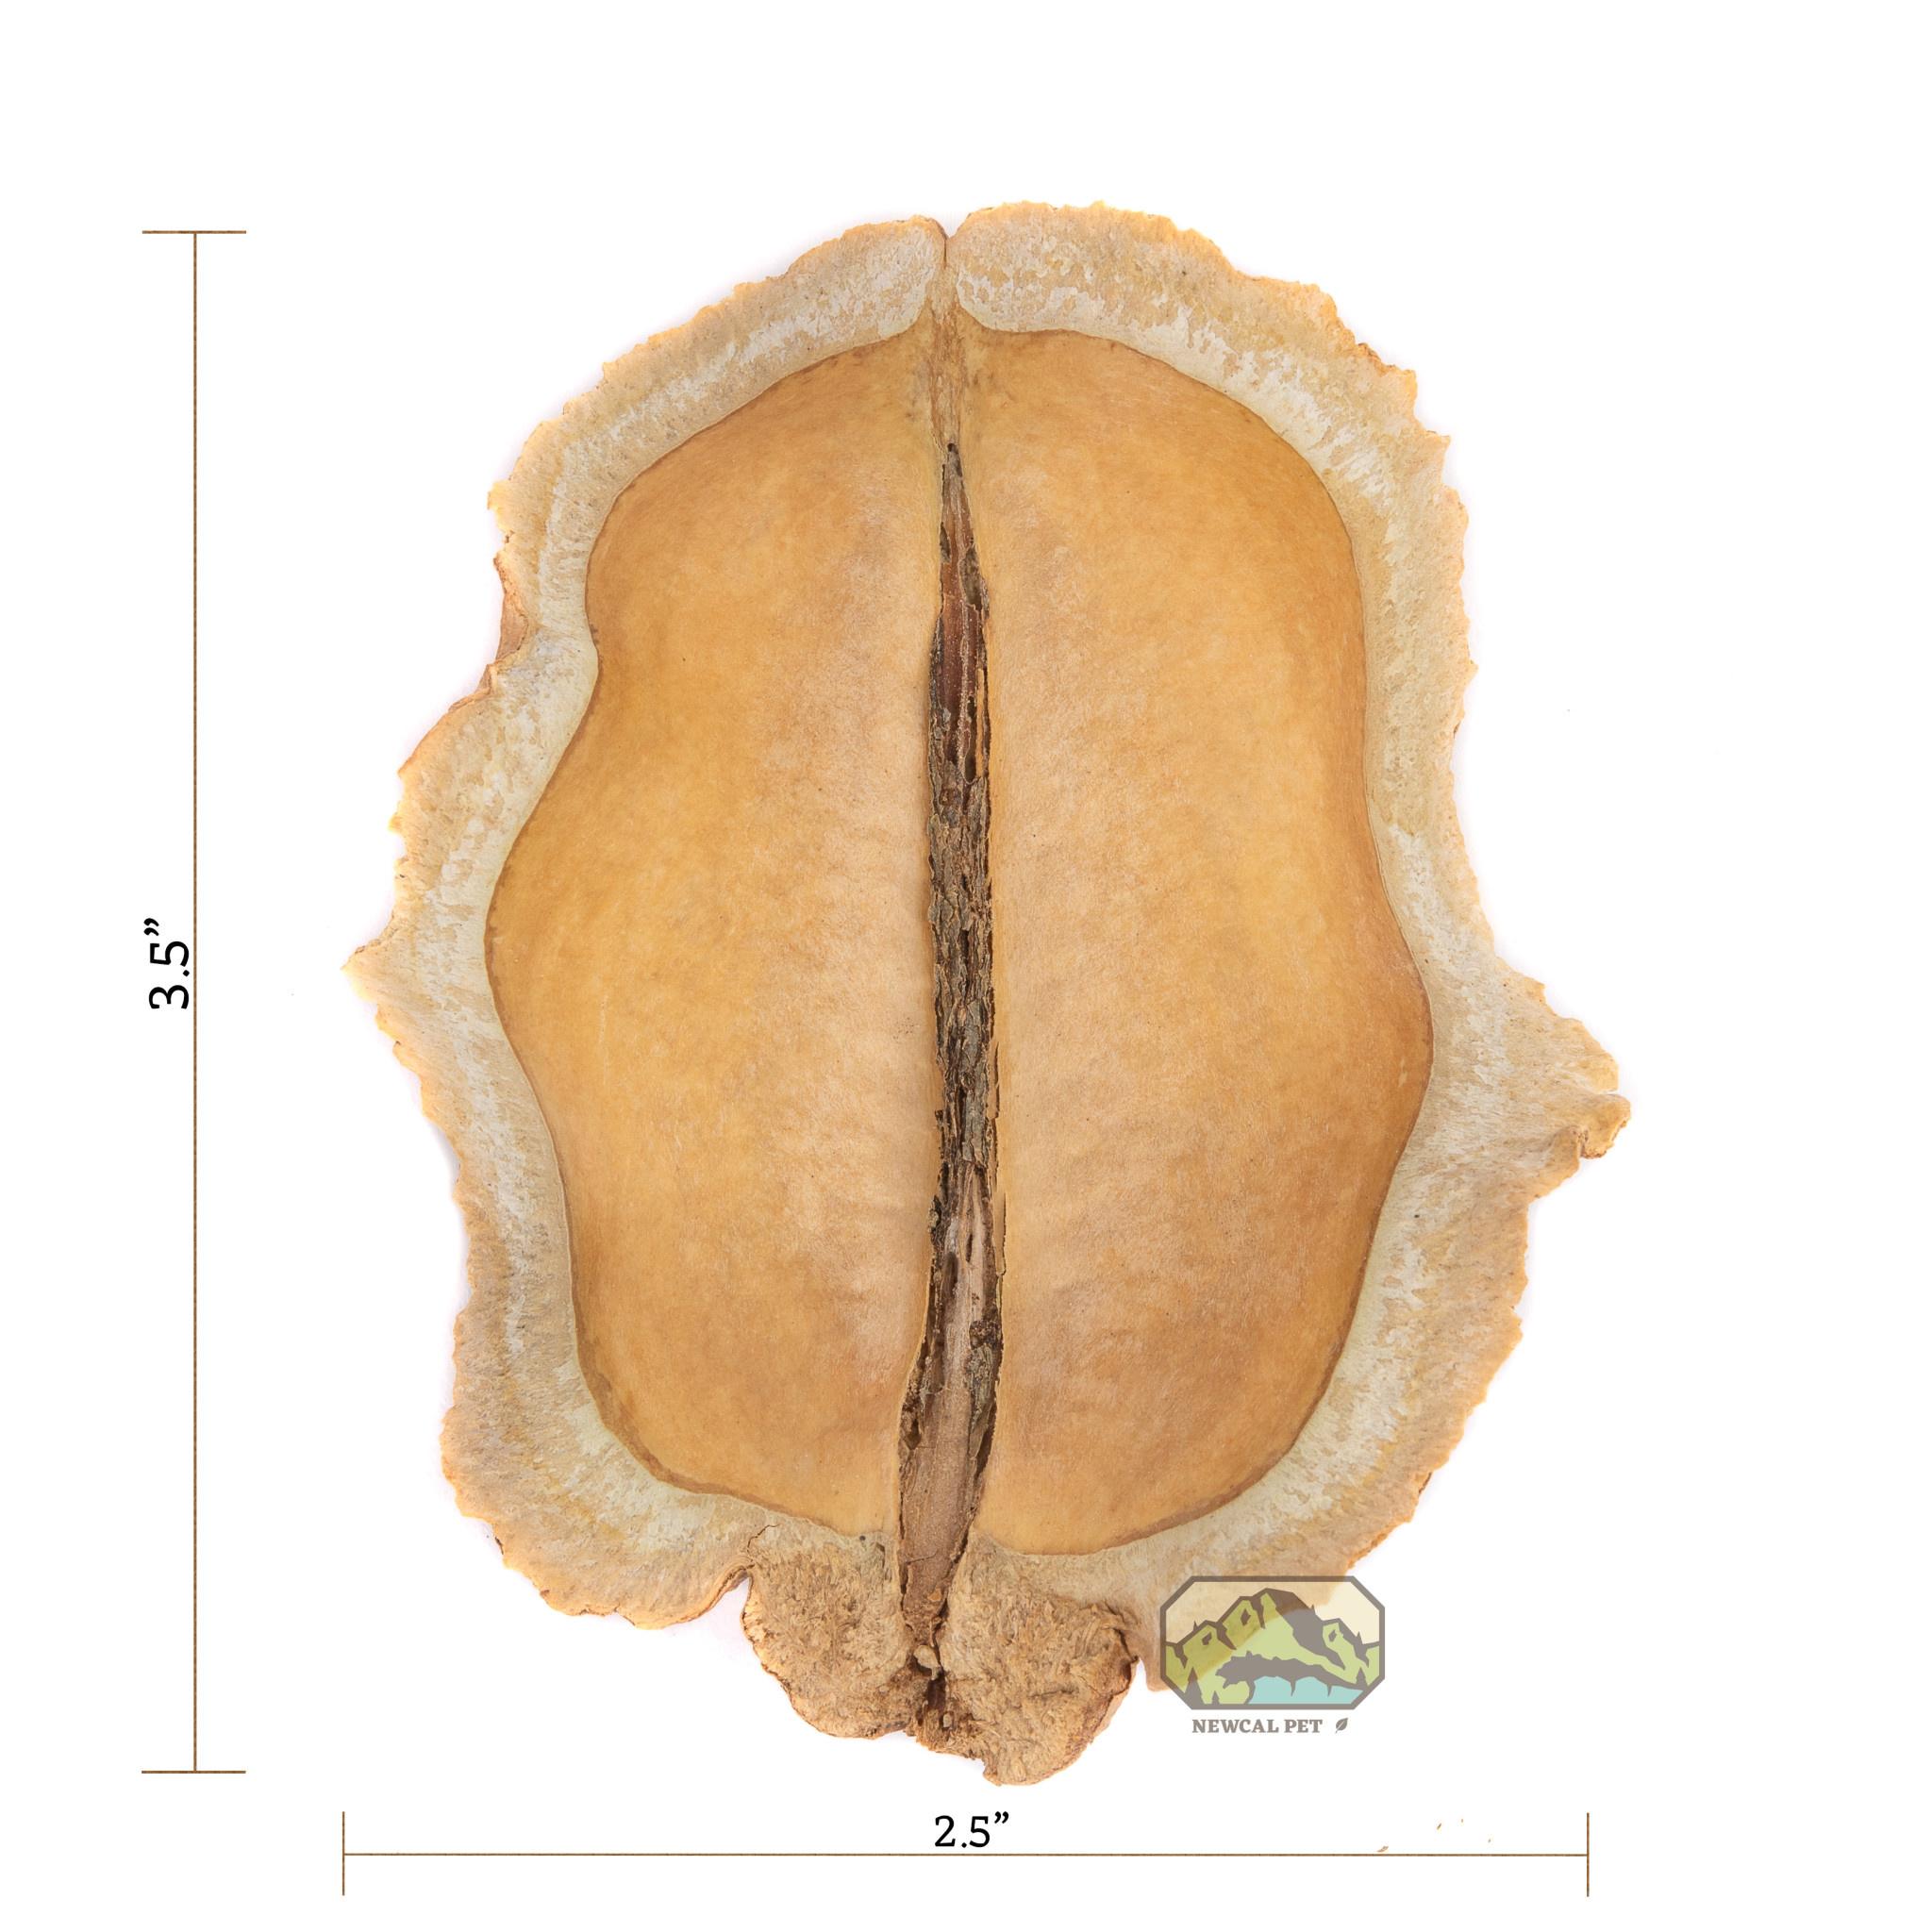 NewCal Pets Bouche de grenouille - Paquet de 3 - Frog's Mouth, 3 Pack